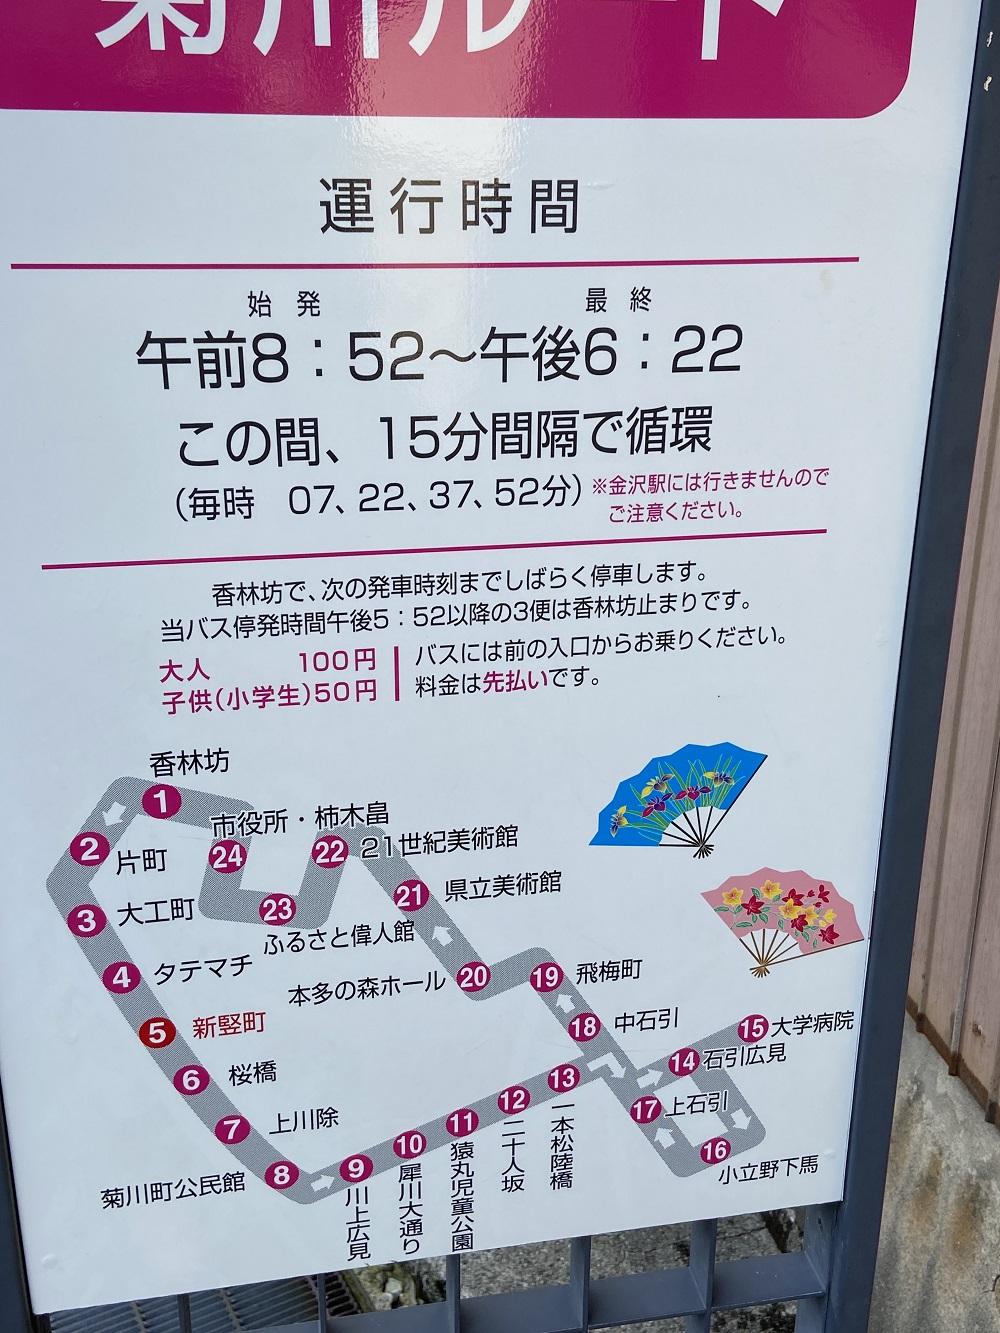 金沢ふらっとバス菊川ルート新竪町バス停